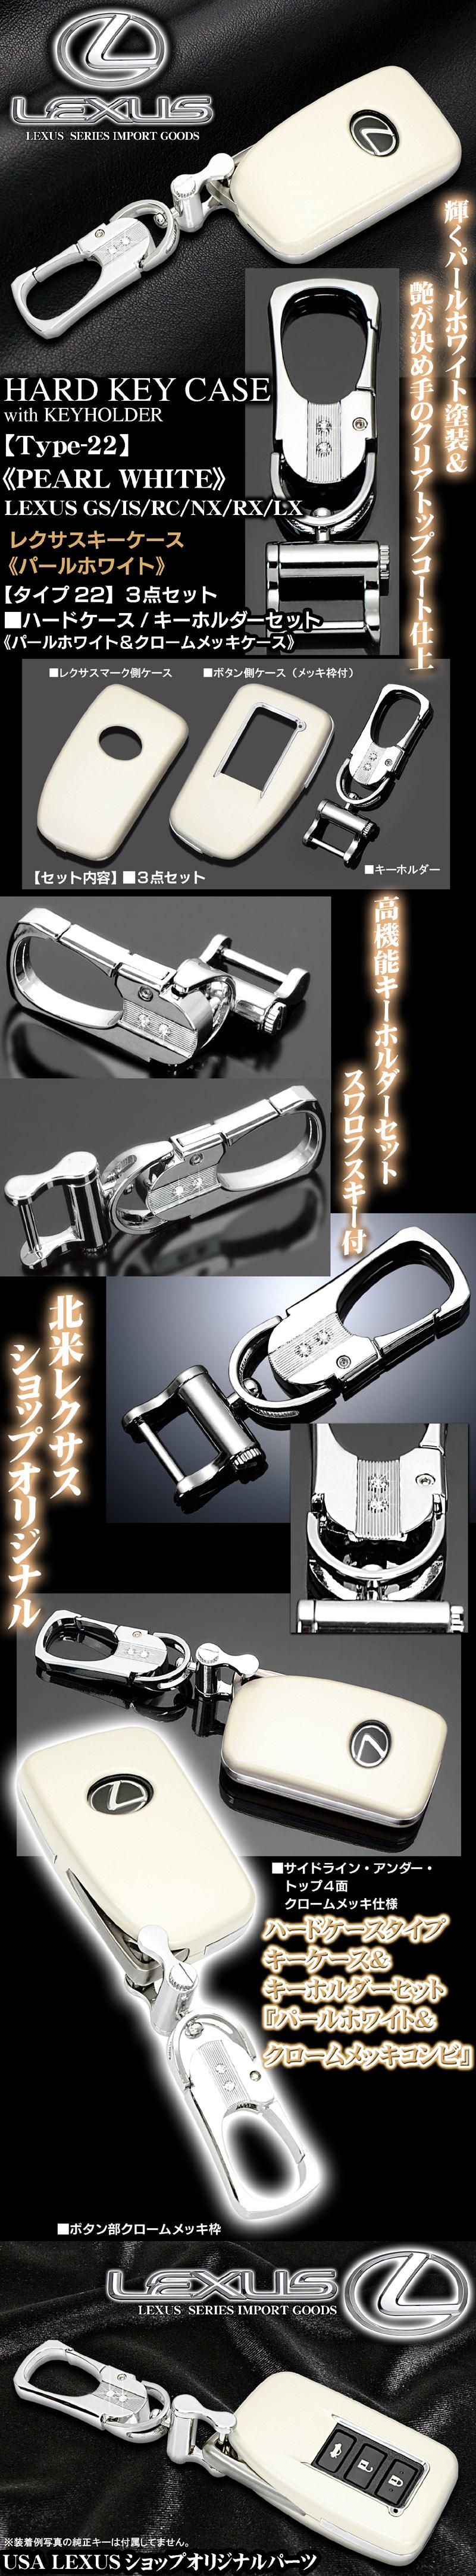 タイプ22【レクサスGS/IS/RC/NX/RX/LX/スマートキー】キーケース&キーホルダー付[パールホワイト&メッキコンビ]ハードケース